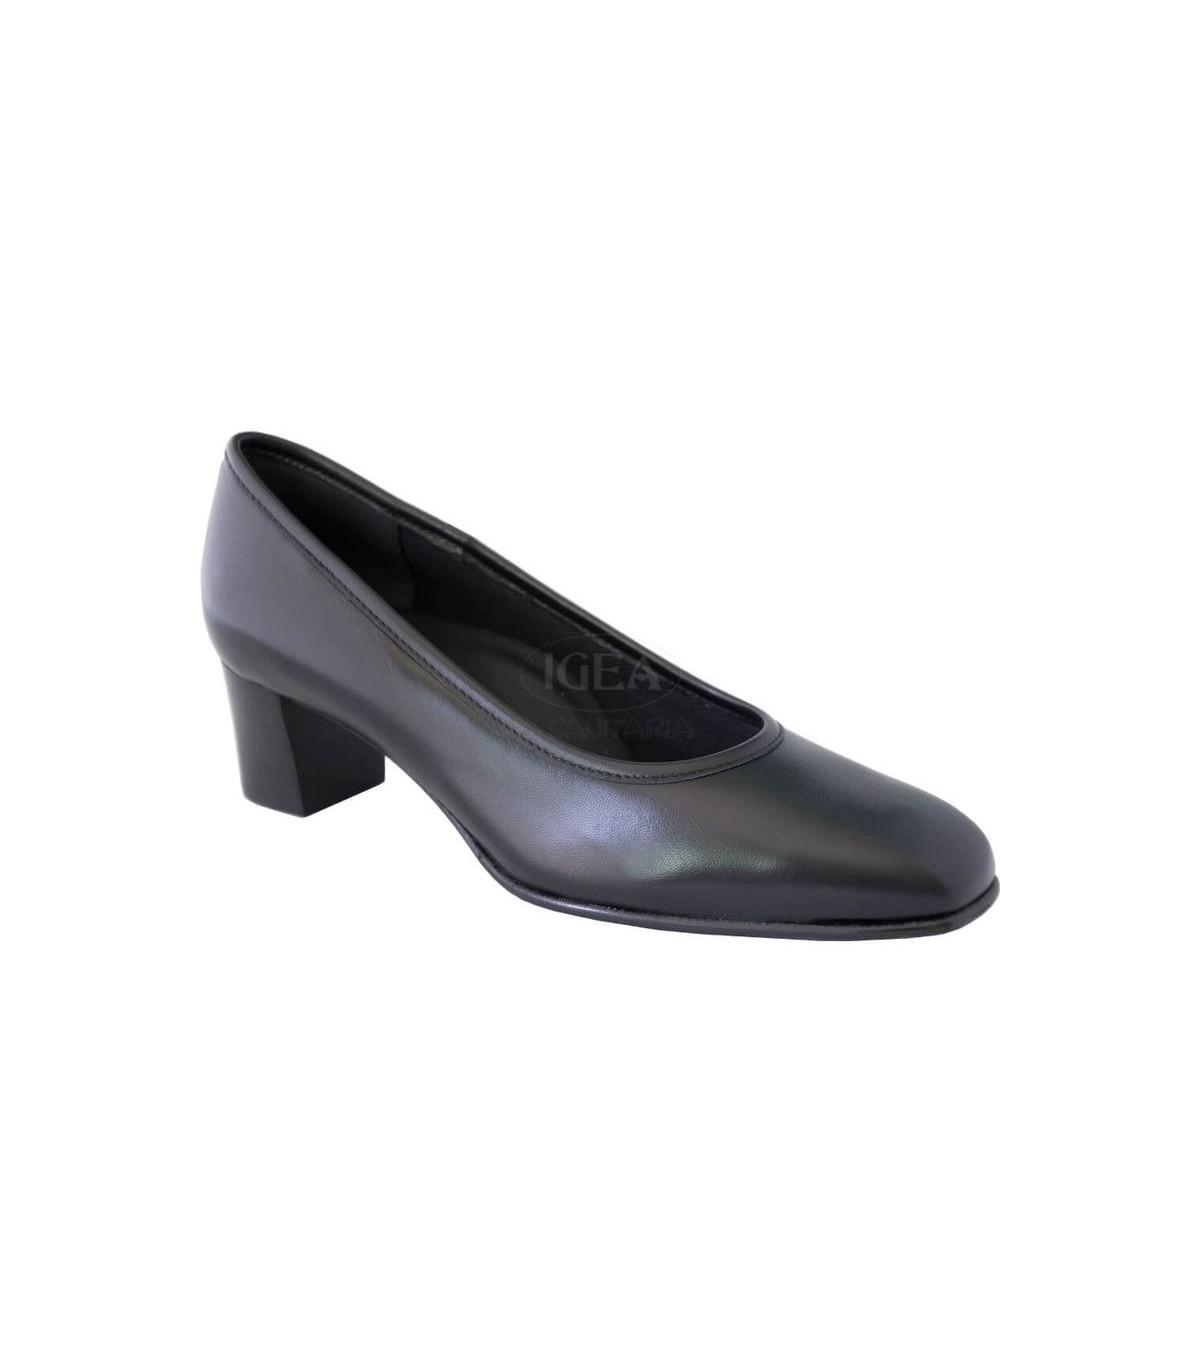 costo moderato goditi un grande sconto a buon mercato Valleverde scarpe décolleté donna V620